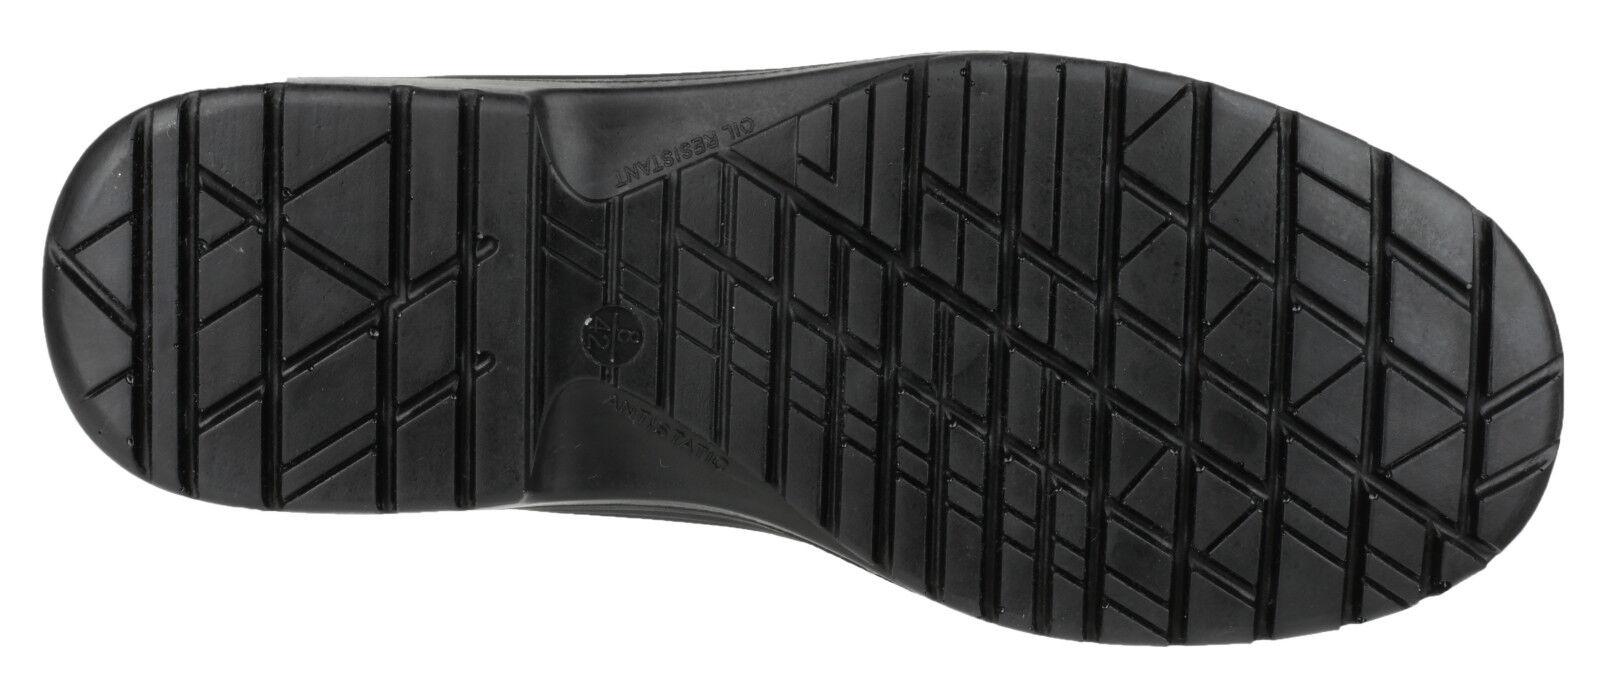 Scarpe casual da uomo AMBLERS fs514 SLIP SLIP SLIP ON Clog Punta protezione da uomo unisex Scarpe lavoro uk3-12 012442